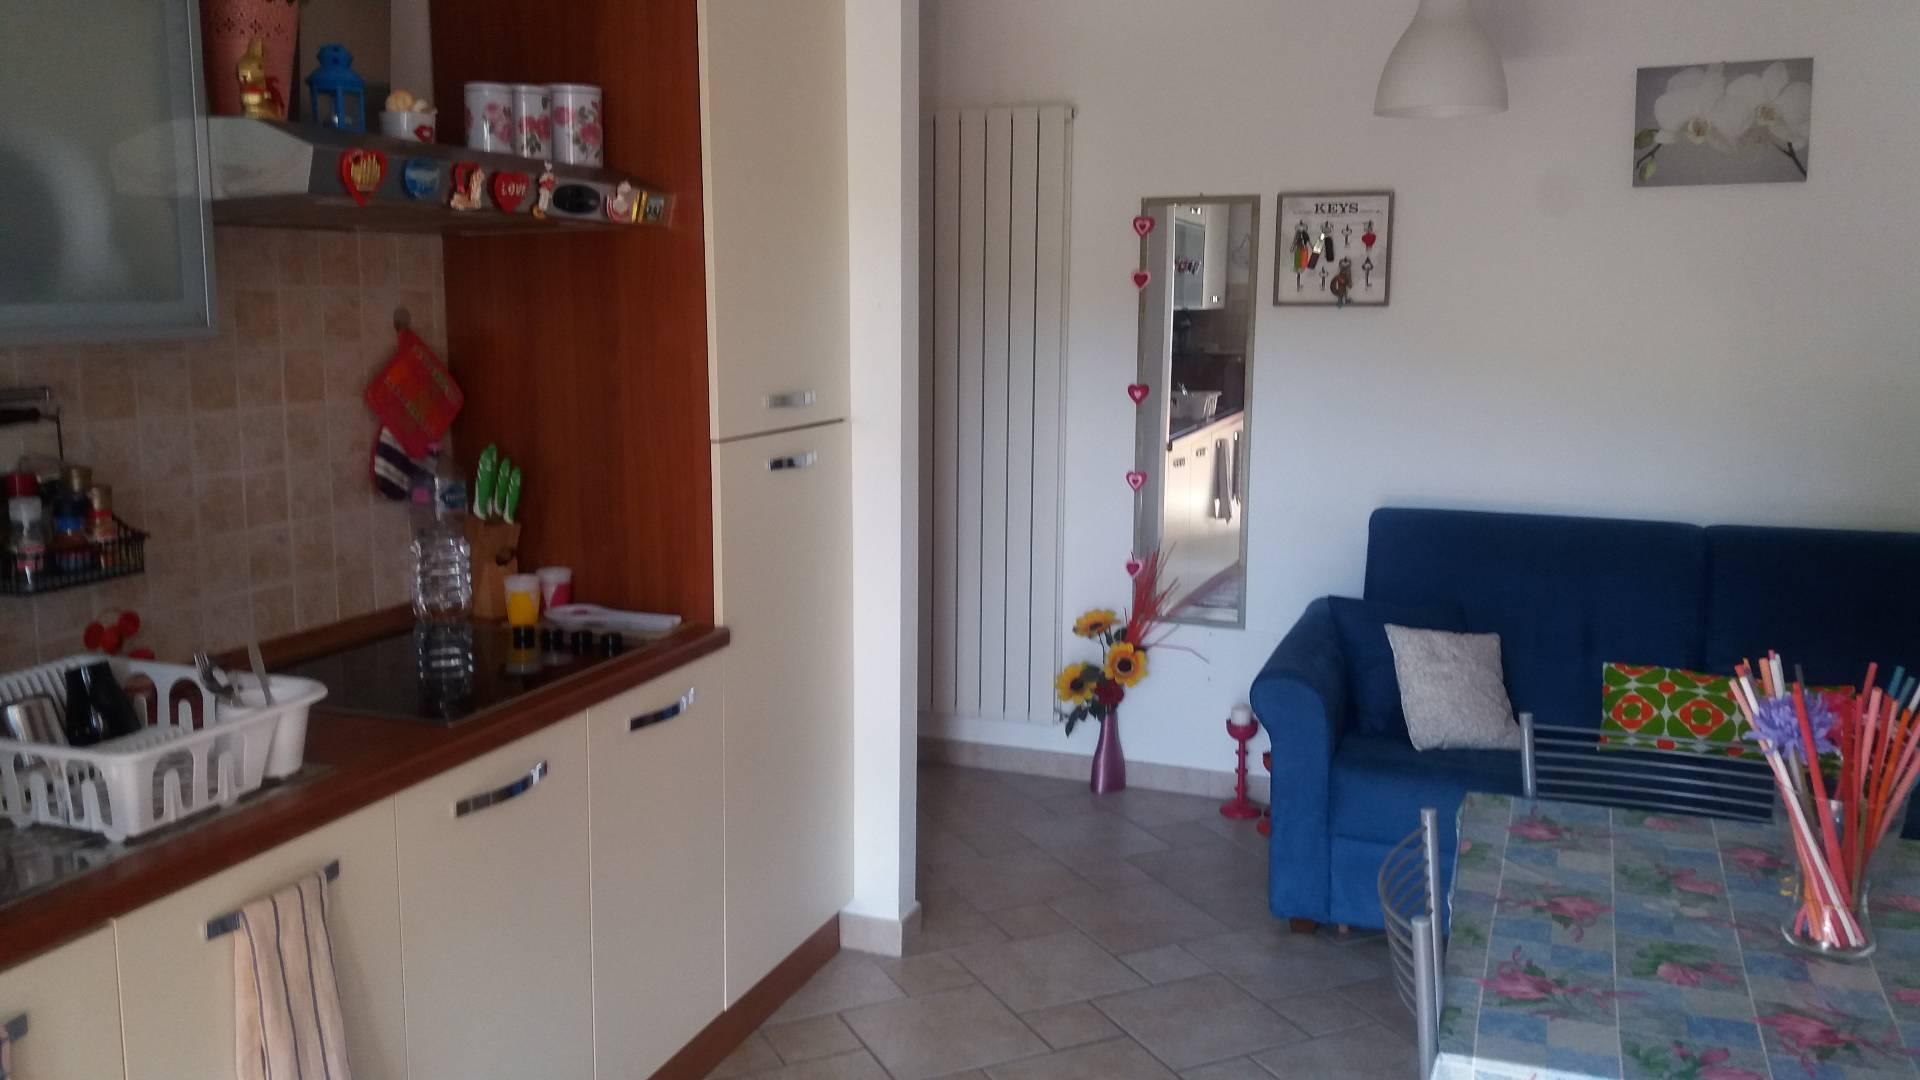 Appartamento in affitto a Chieti, 3 locali, zona Località: Scalo-Università, prezzo € 500 | Cambio Casa.it